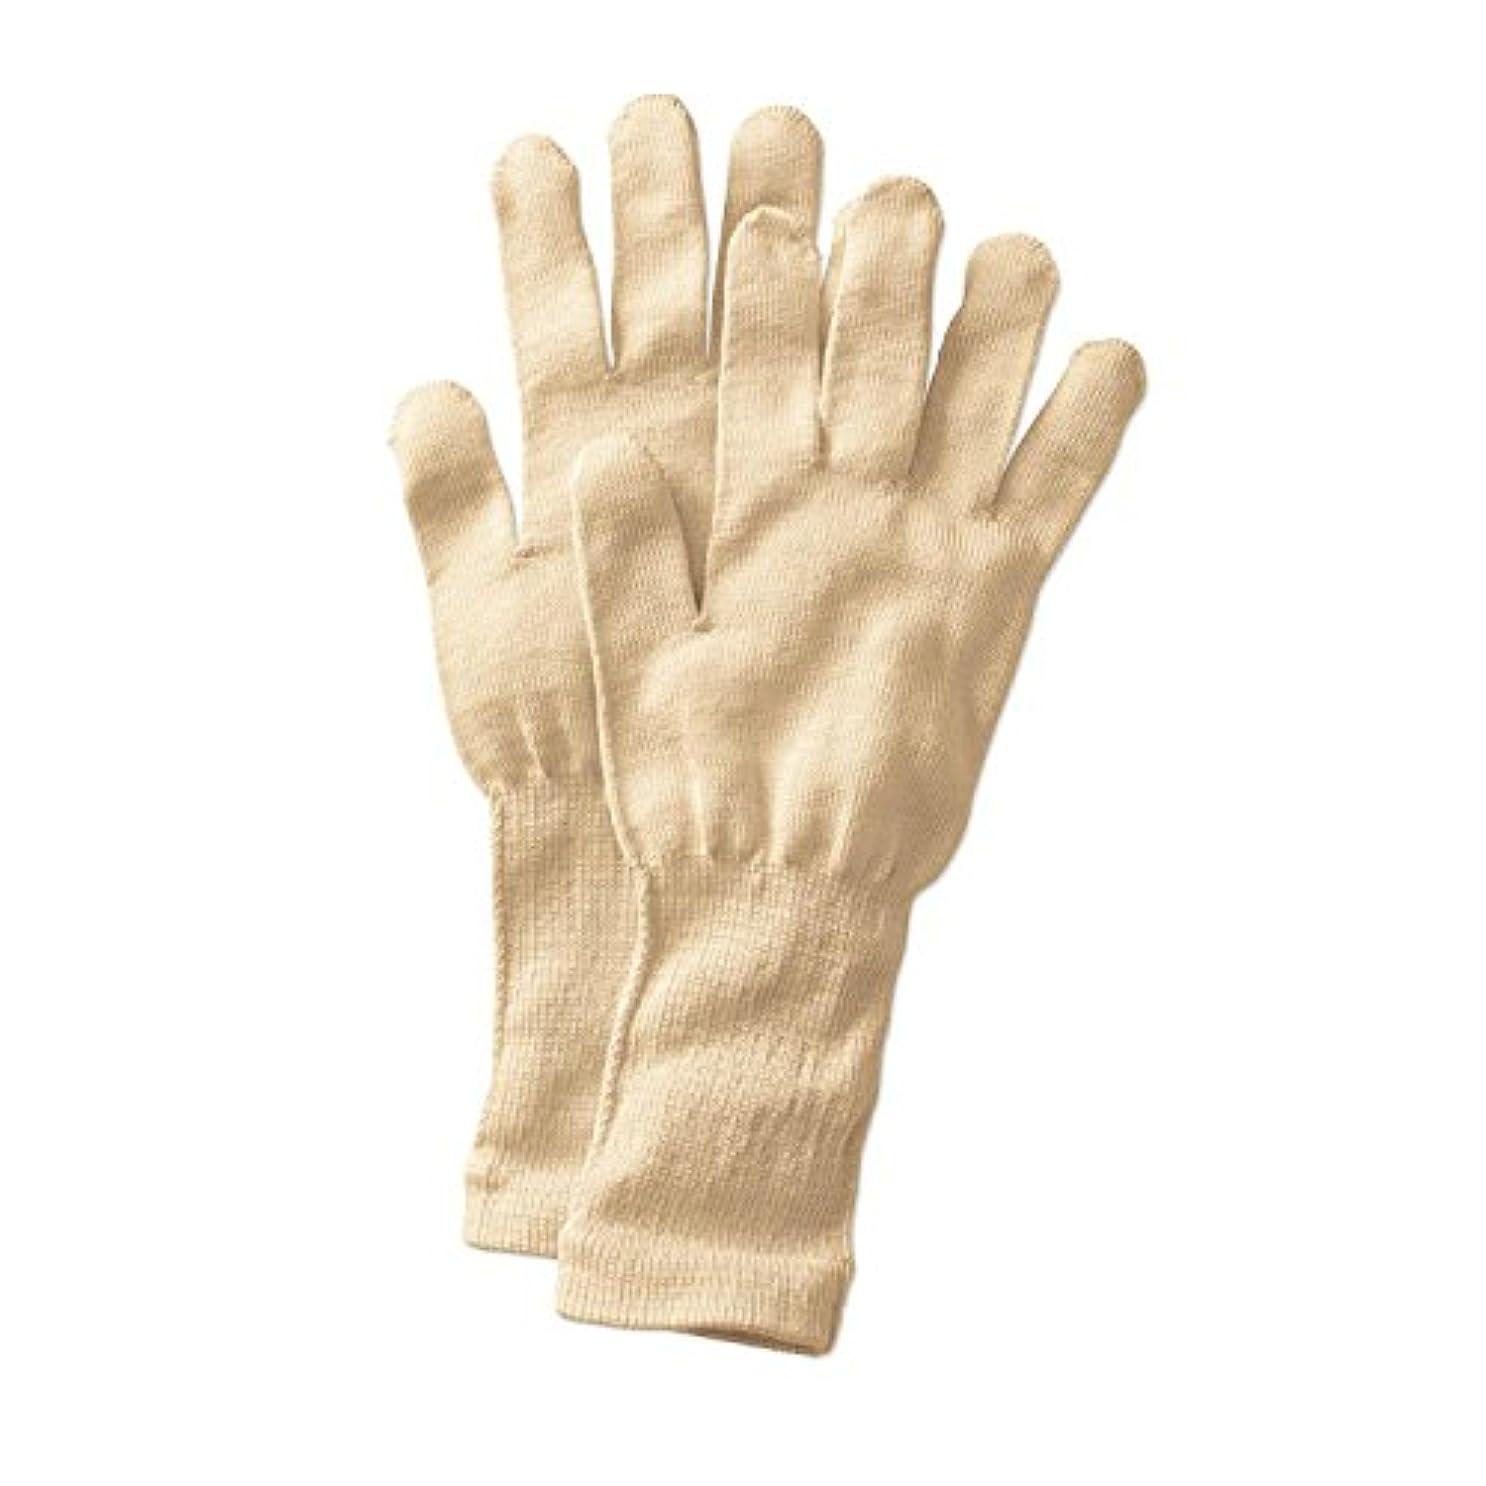 憂慮すべきヒューバートハドソン膿瘍[ベルメゾン] 手袋 シルク 冷え取り おやすみ あったか /冷えとり日和365 クリーム